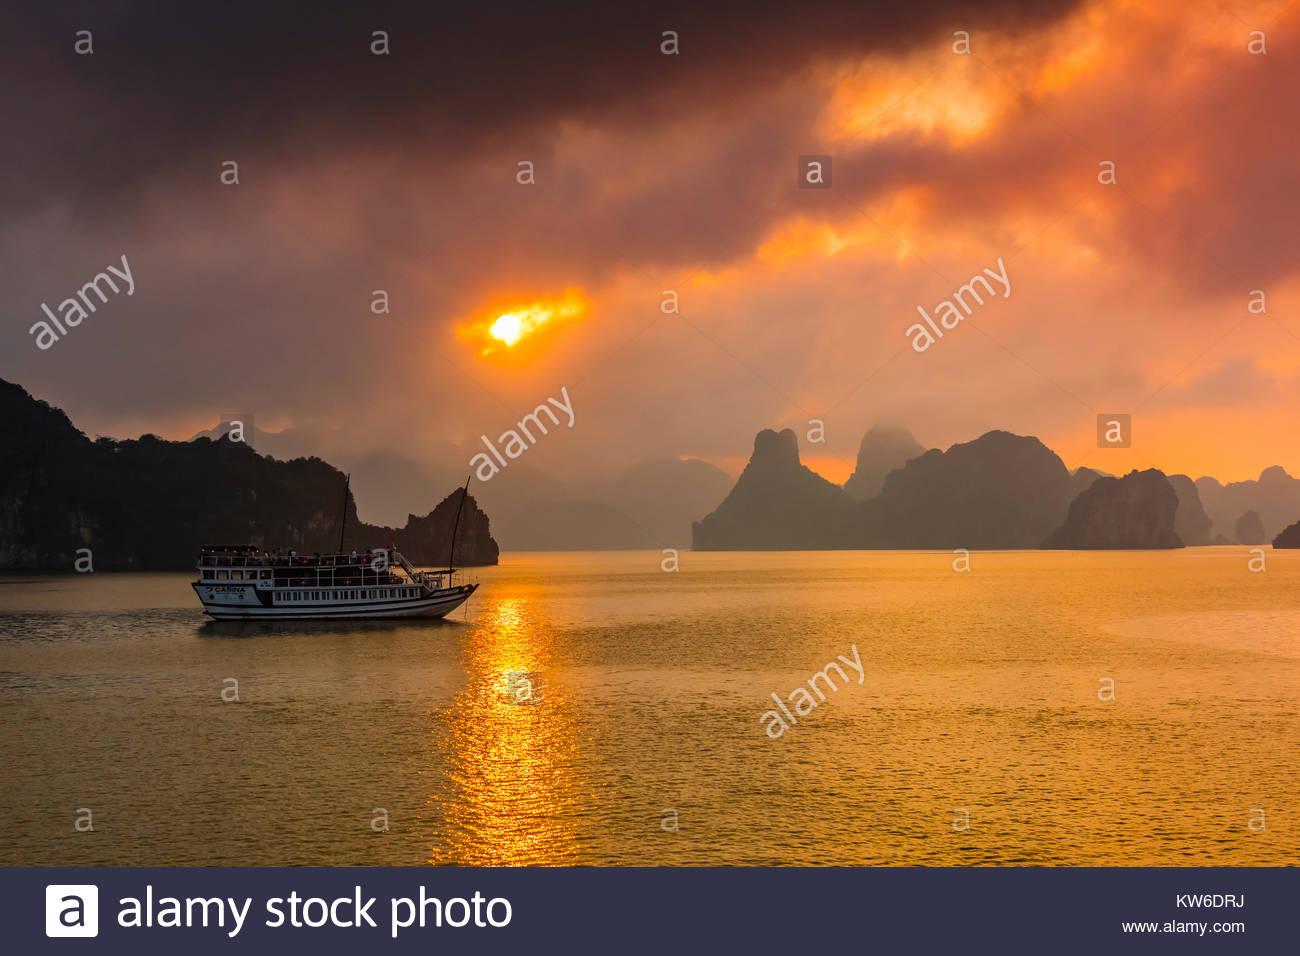 Atardecer en la Bahía de Halong, Vietnam del Norte. La bahía posee 3.000 karsts de piedra caliza y dolomita Imagen De Stock